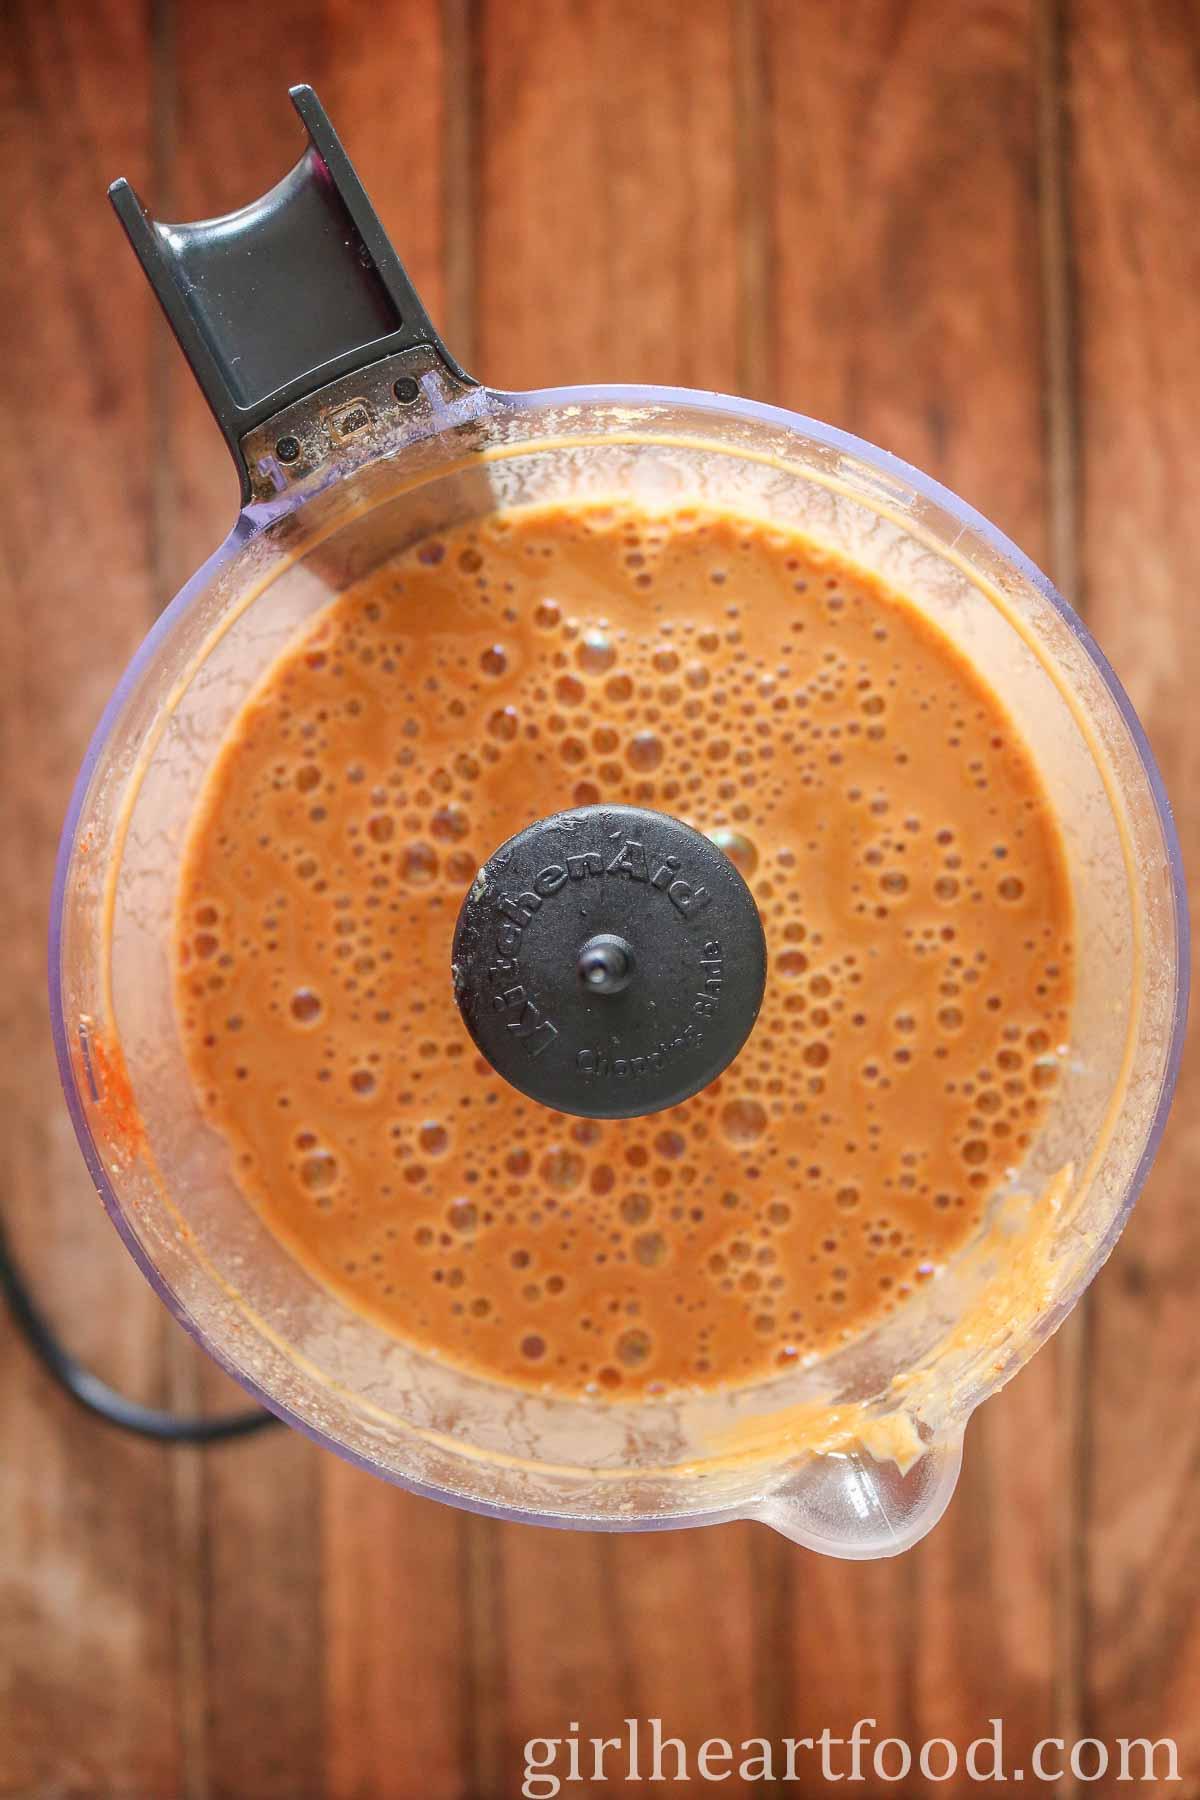 Peanut sauce in a food processor.